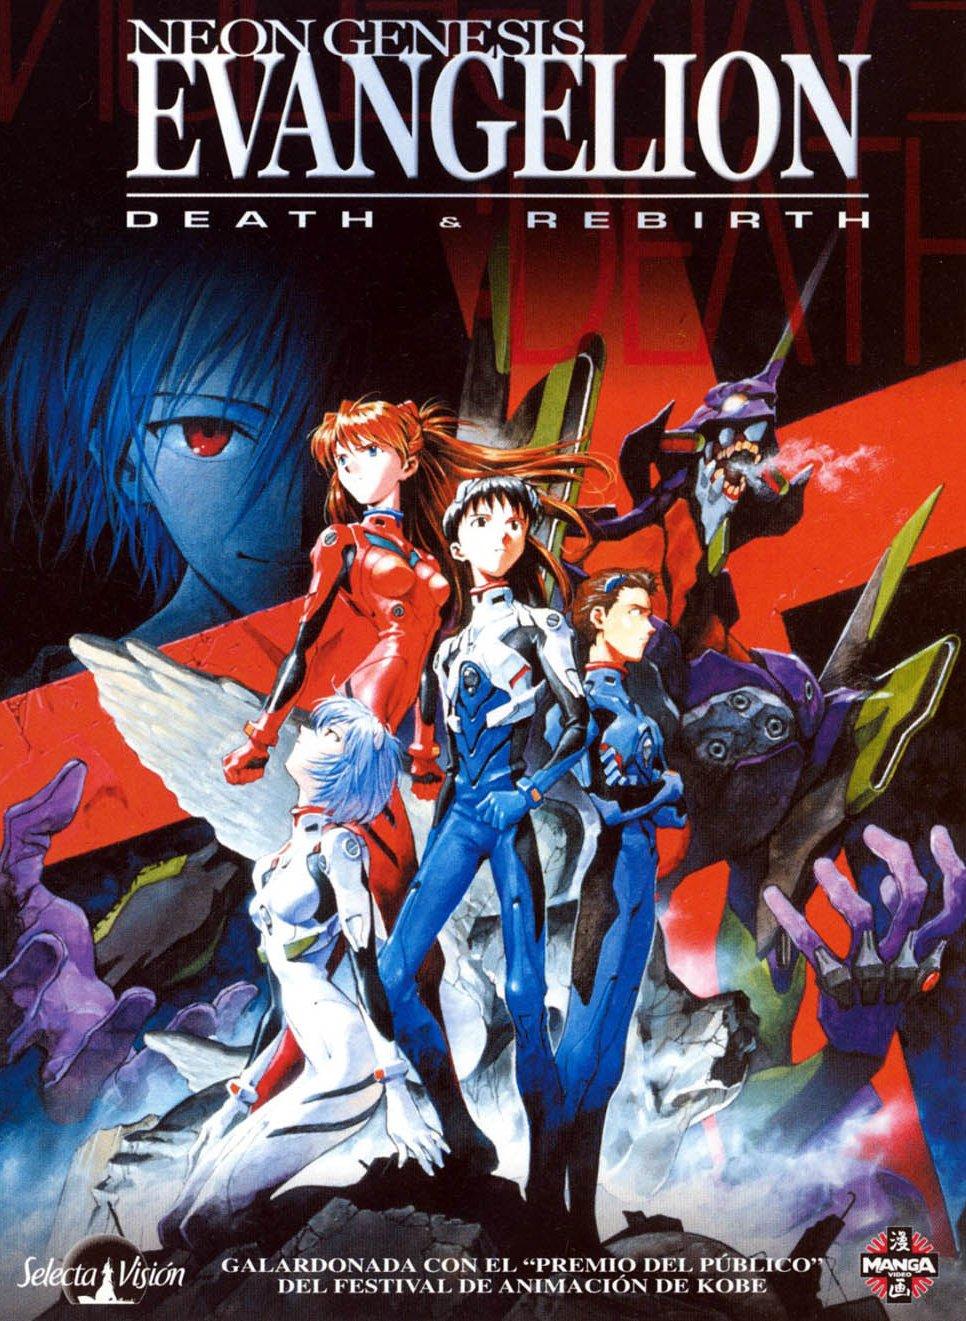 Image d'Evangelion pour l'annonce d'un jeu vidéo Evangelion sur PS3